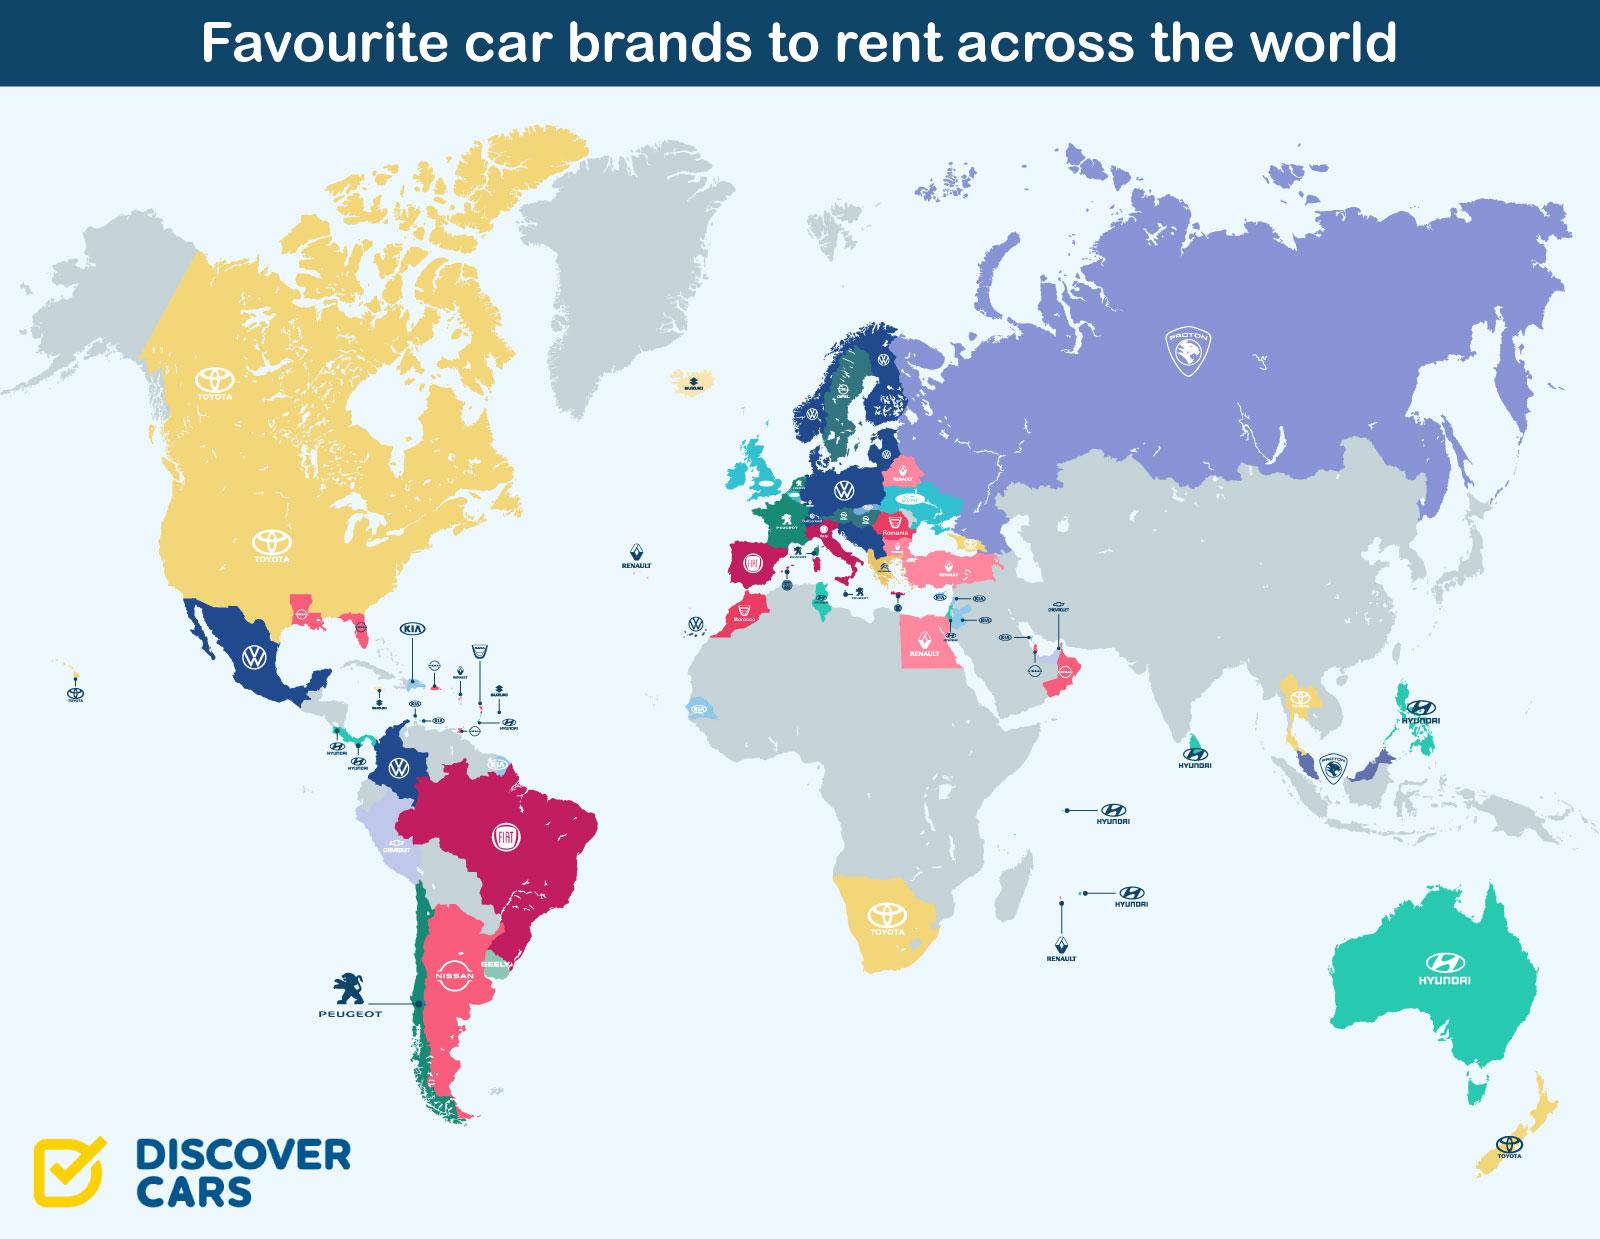 Najpopularnije marke automobila za rent-a-car